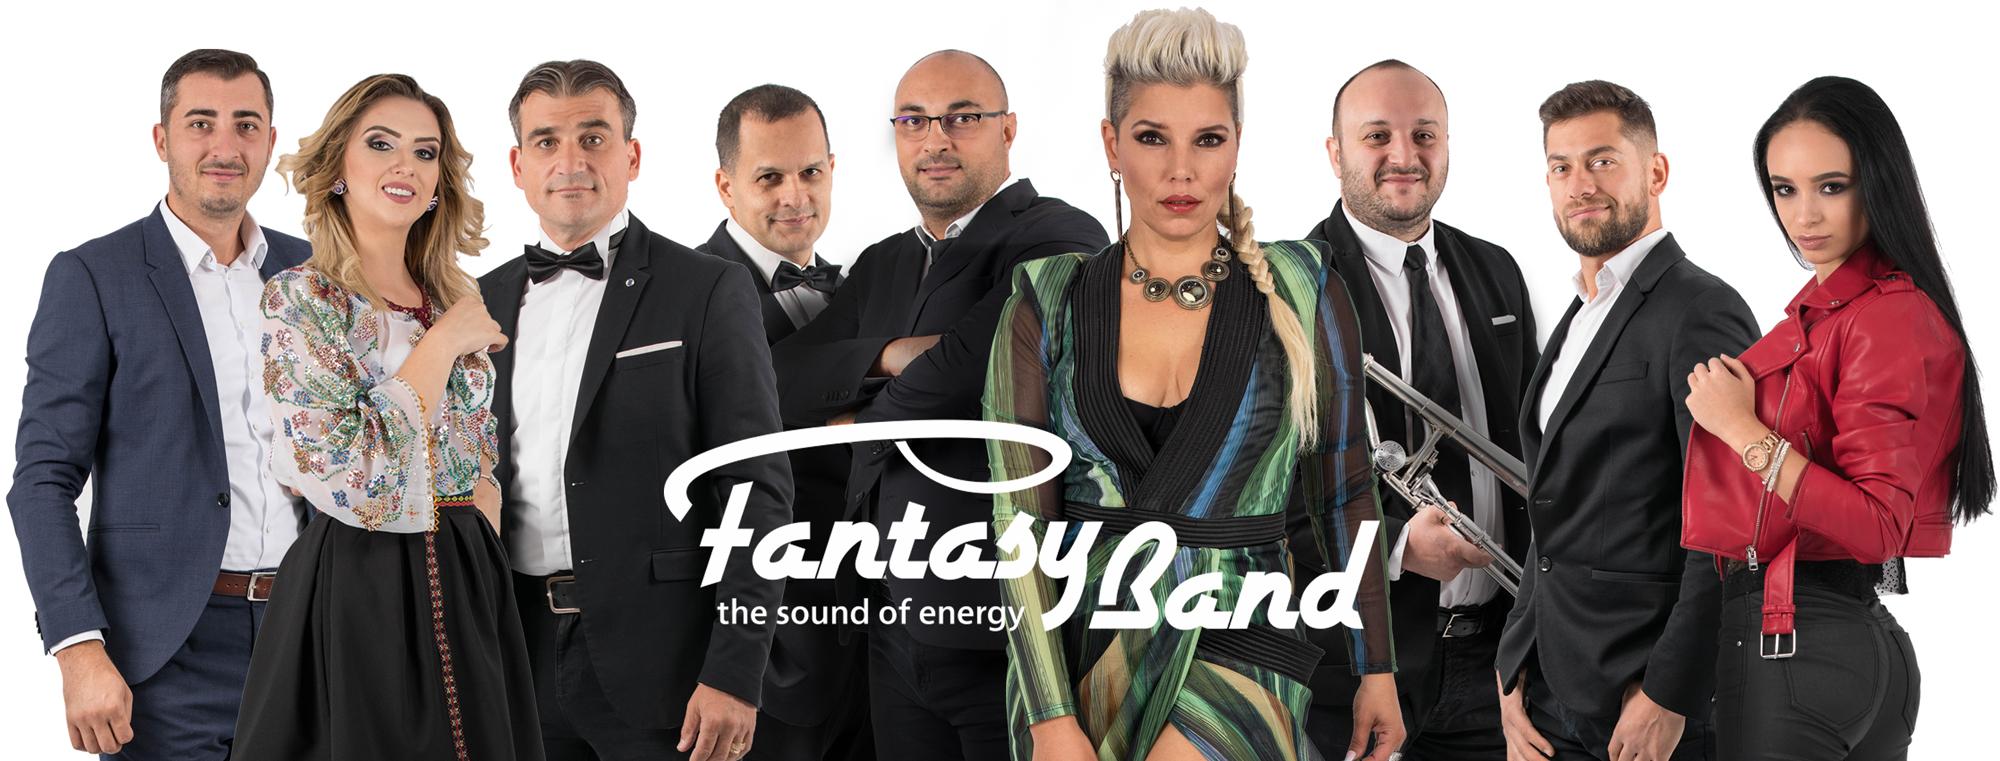 Fantasy Band